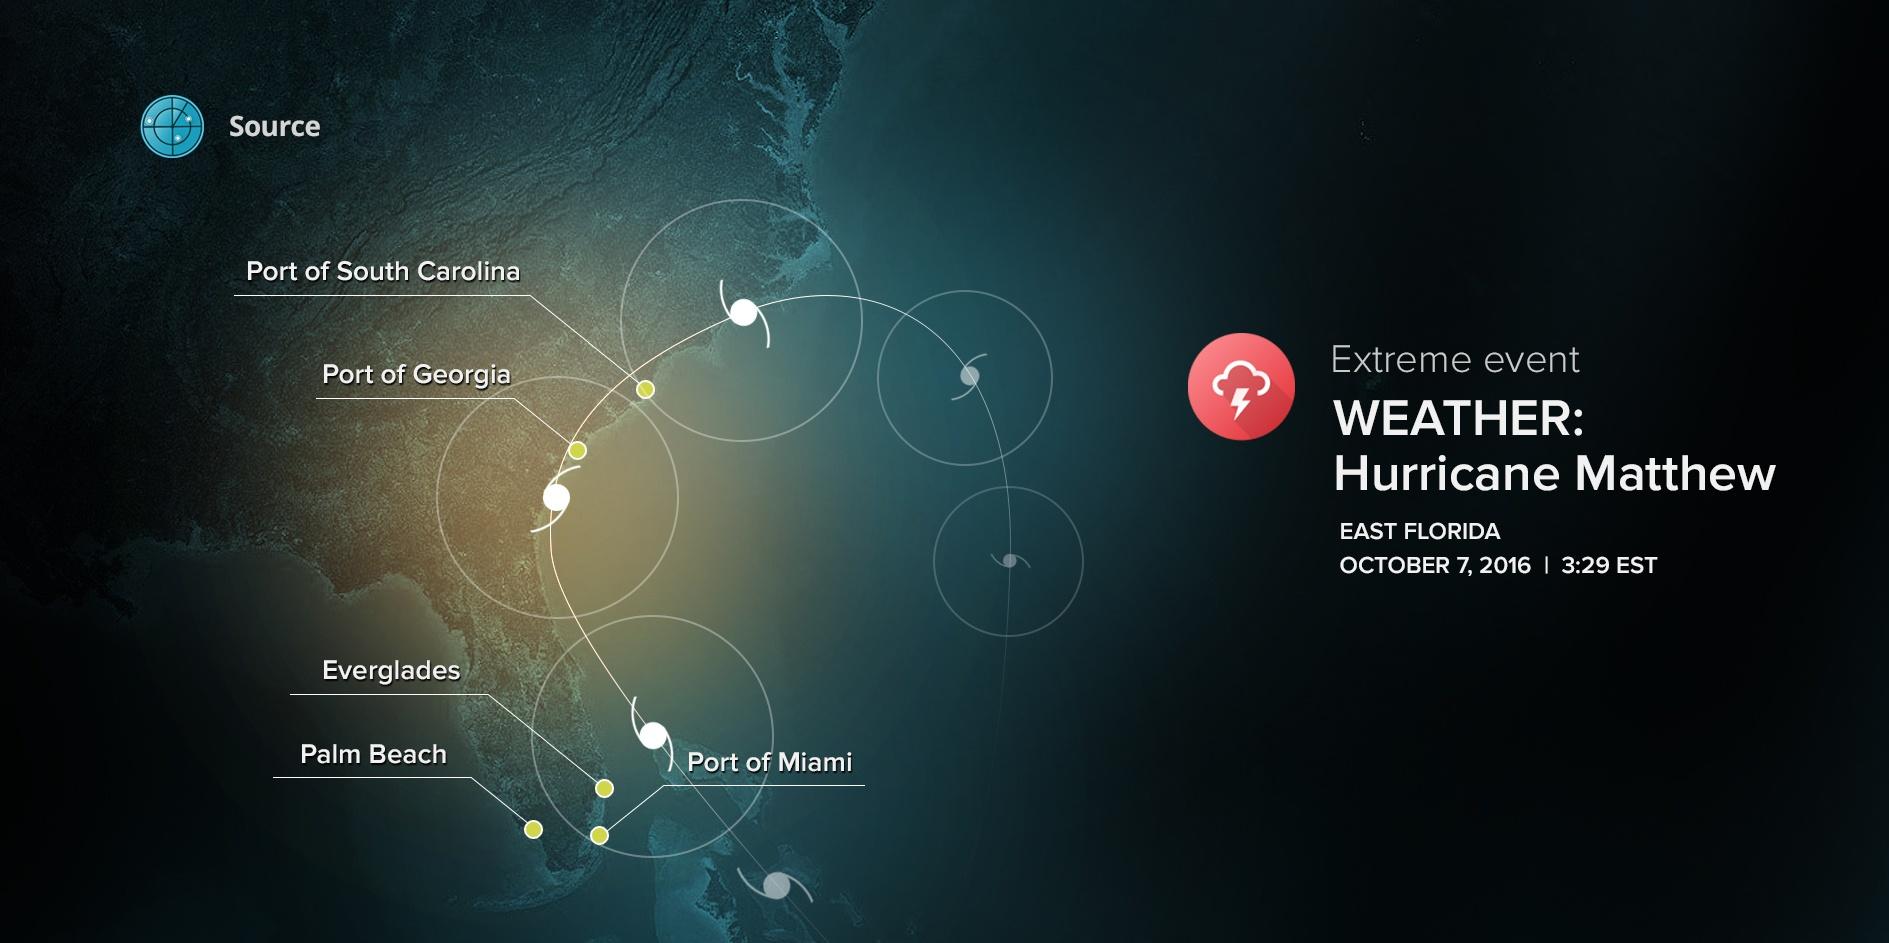 SR_hurricane_matthew.jpg